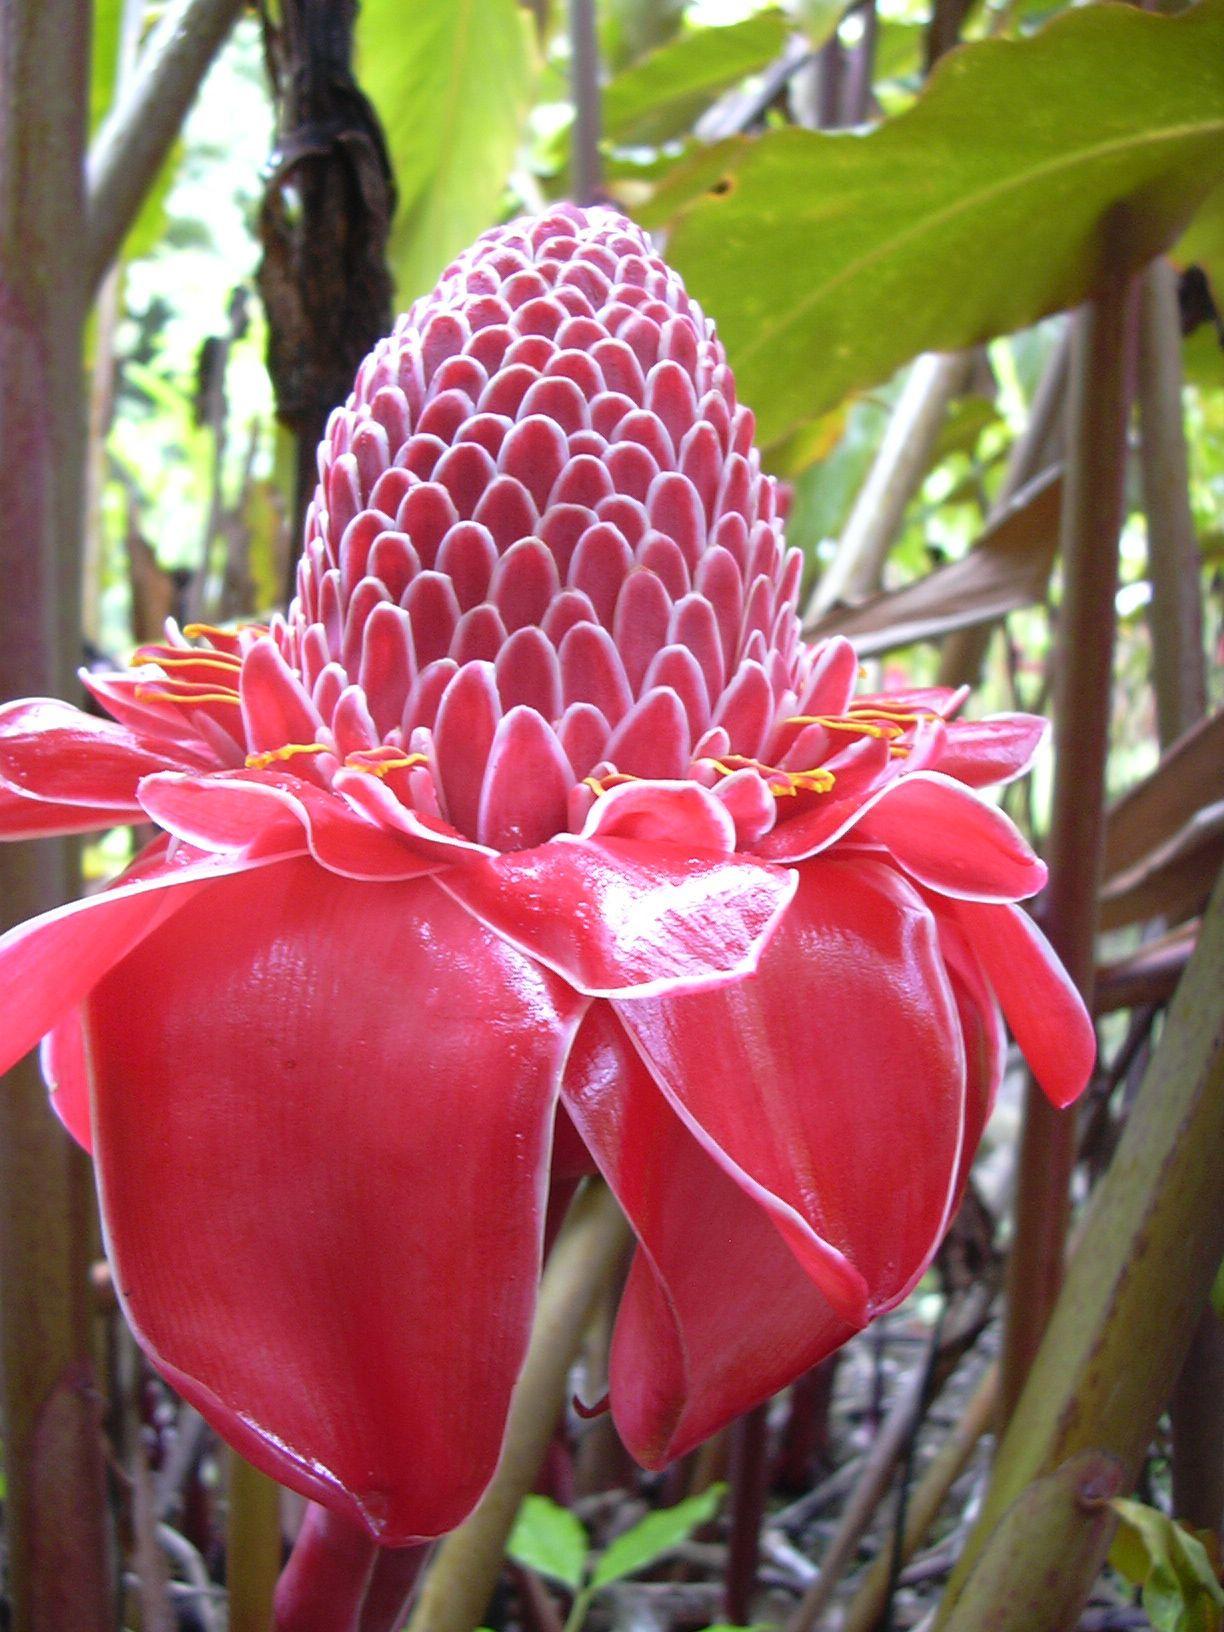 Torch Ginger, Keanae Arboretum, Maui (Amazing colors!)